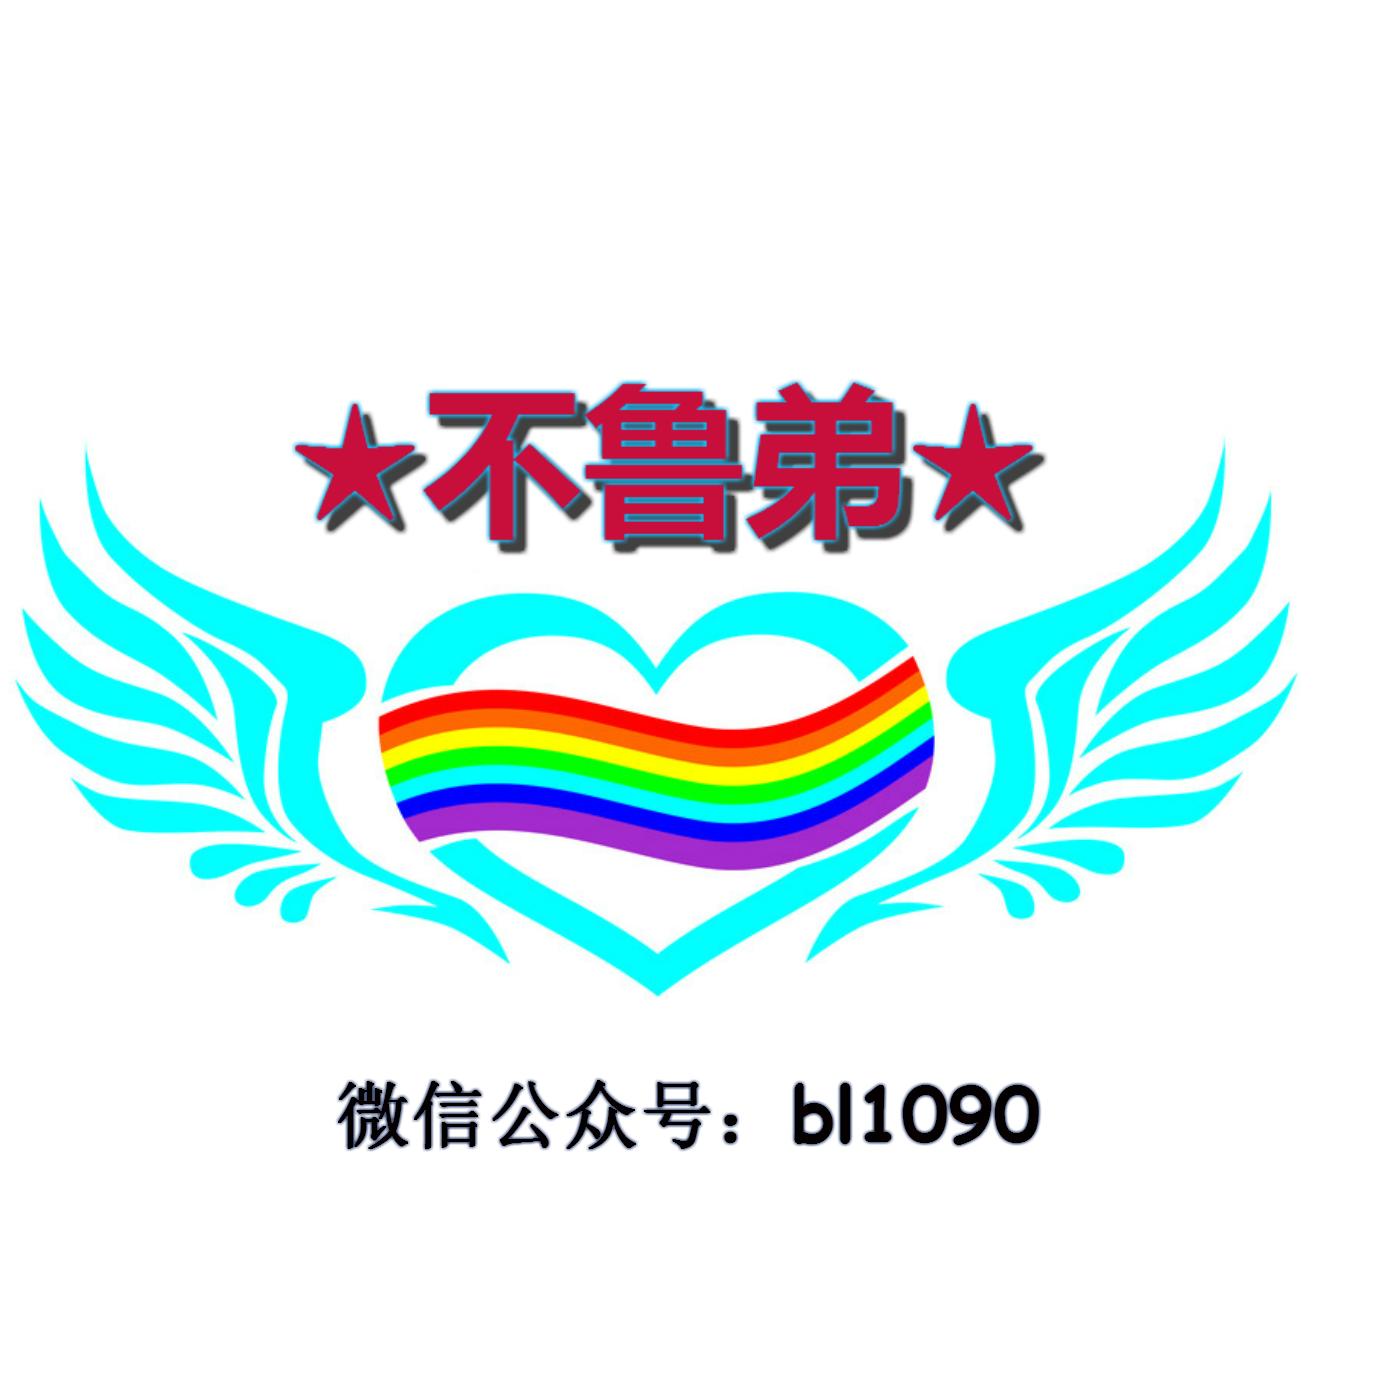 <![CDATA[【不鲁弟】电台]]>